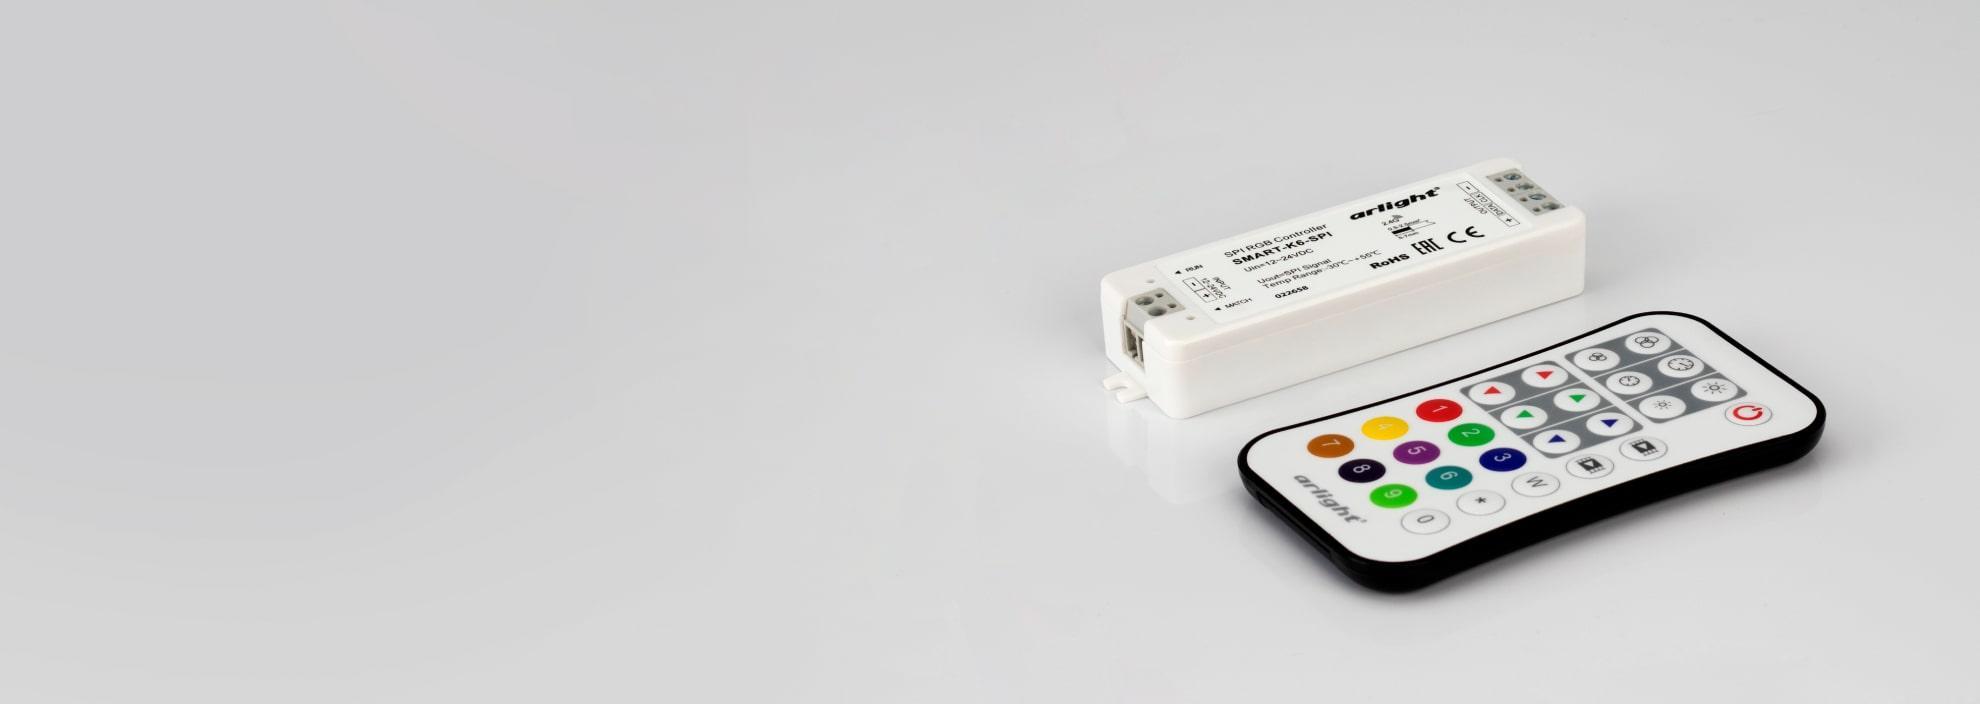 Контроллер для SPI ленты (бегущий огонь) и пикселей